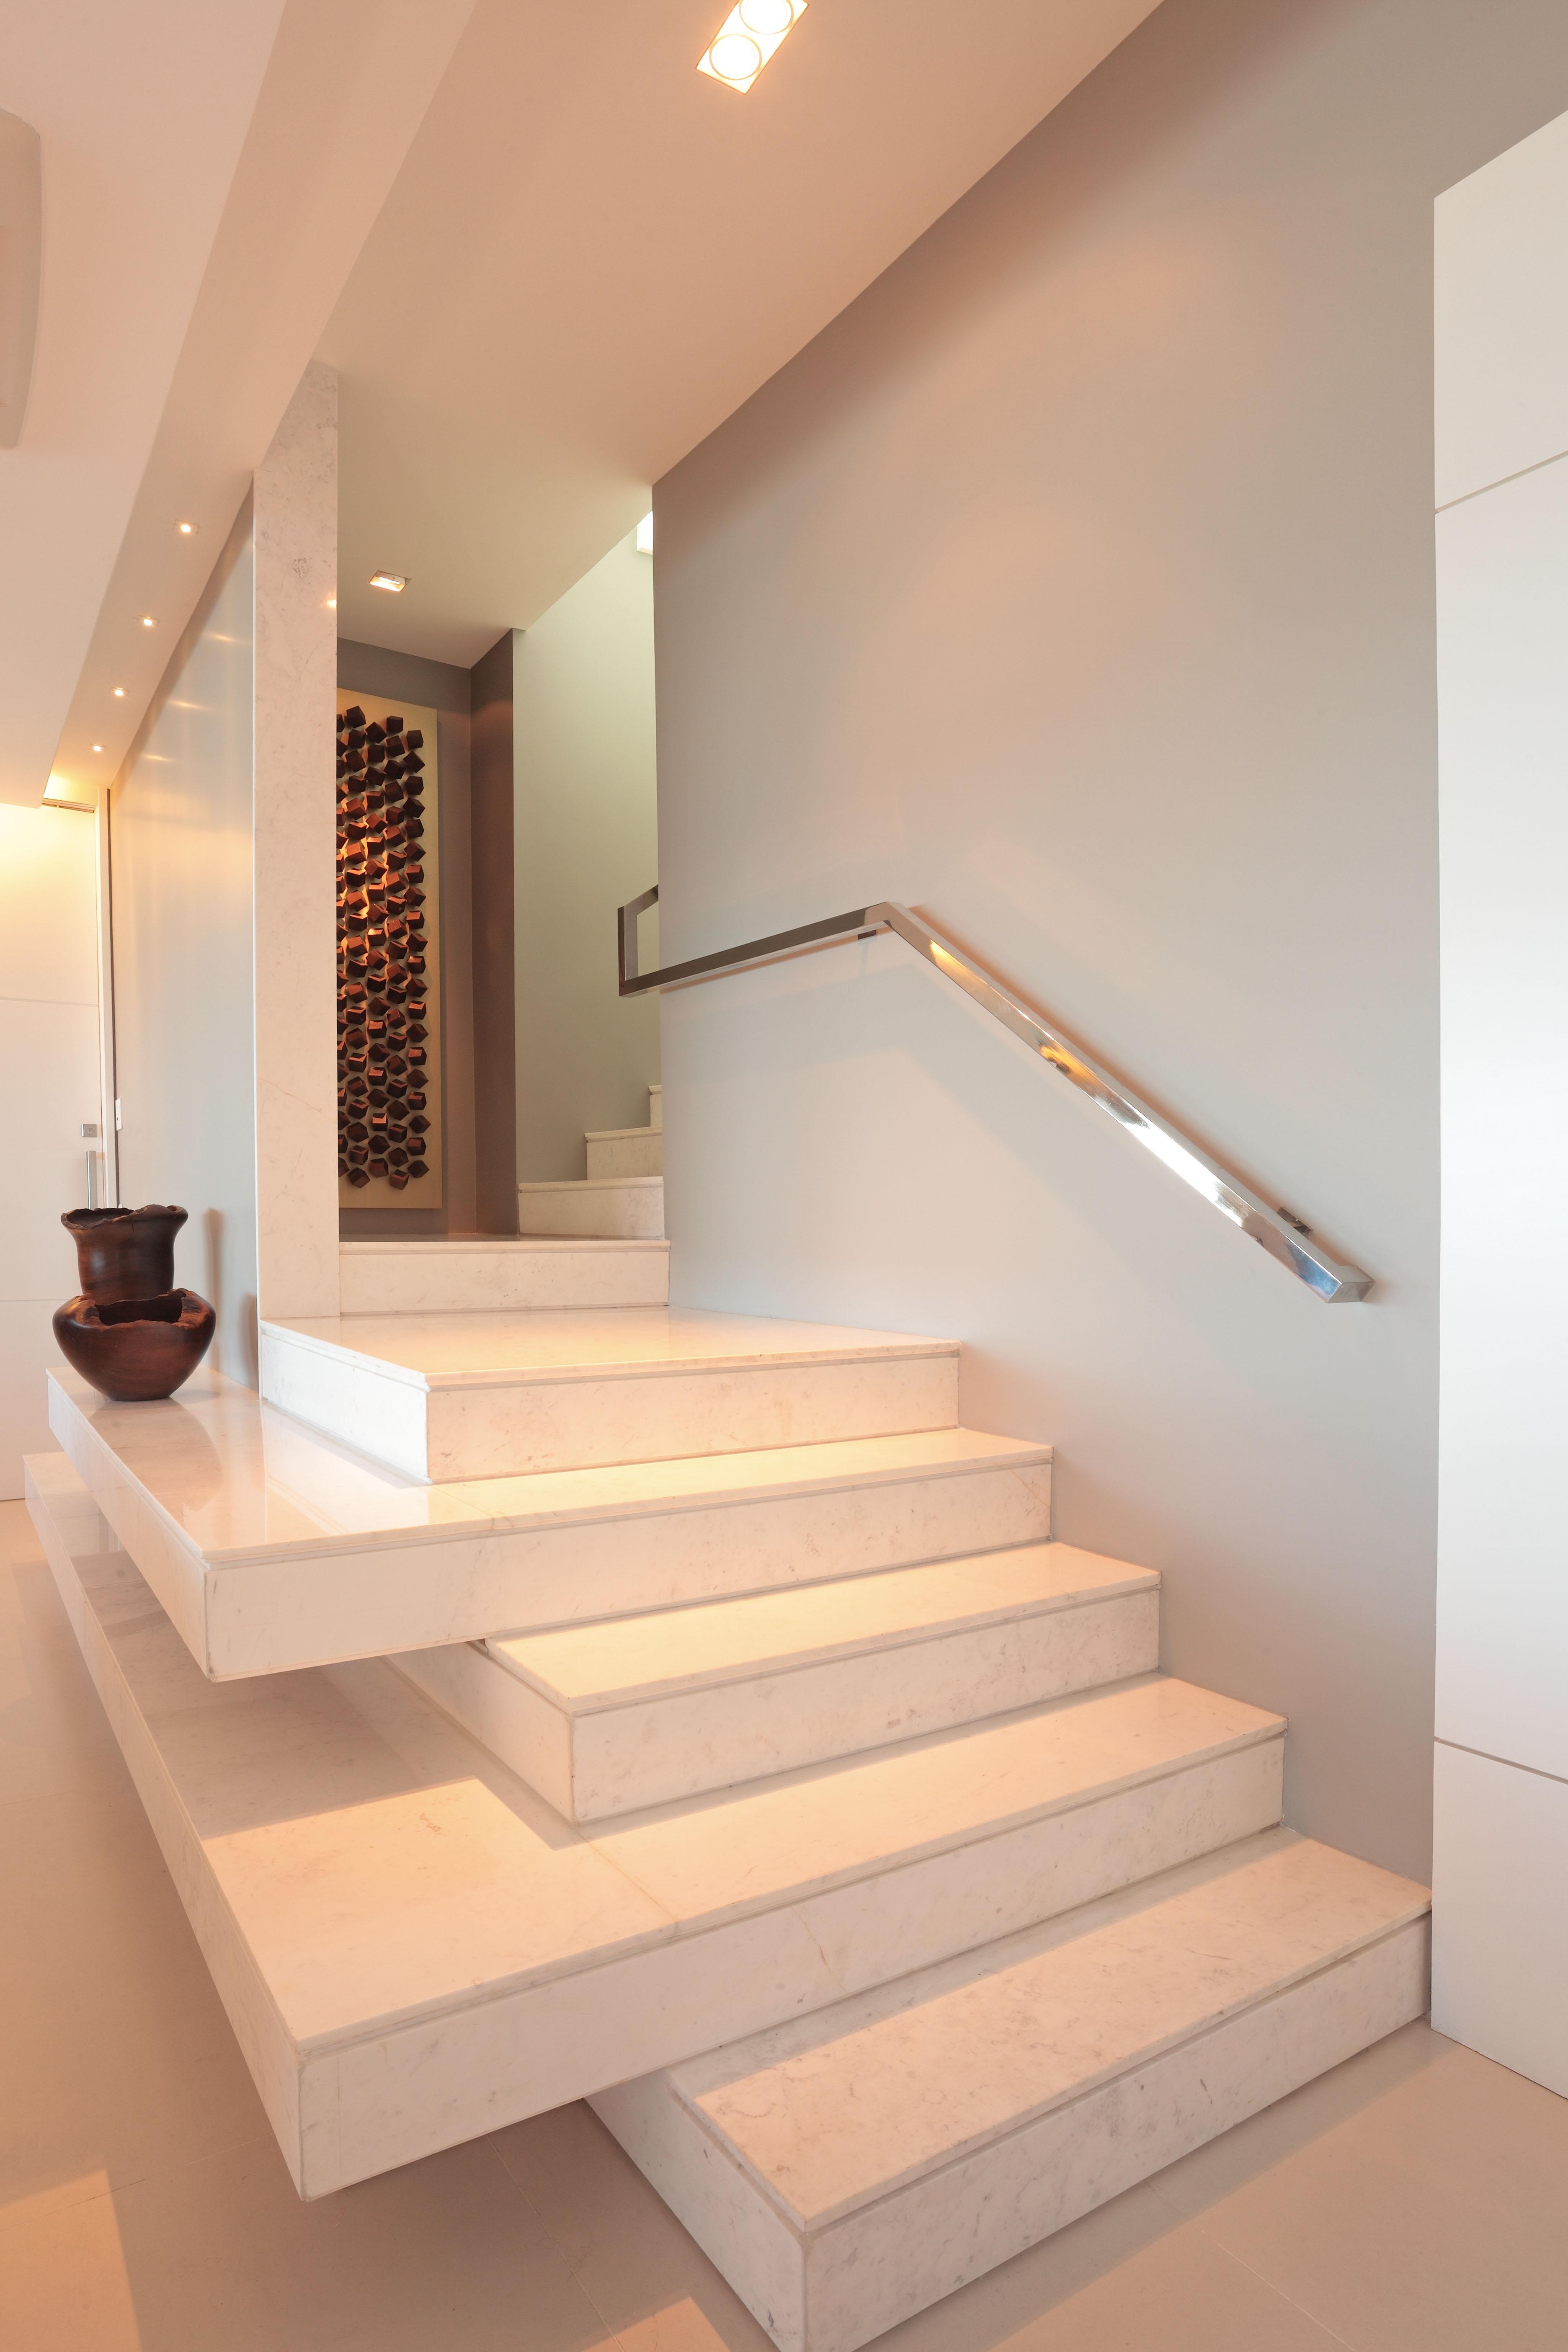 Neste pequeno flat no espaço da escada foi projetada uma cozinha  #985D33 3744 5616